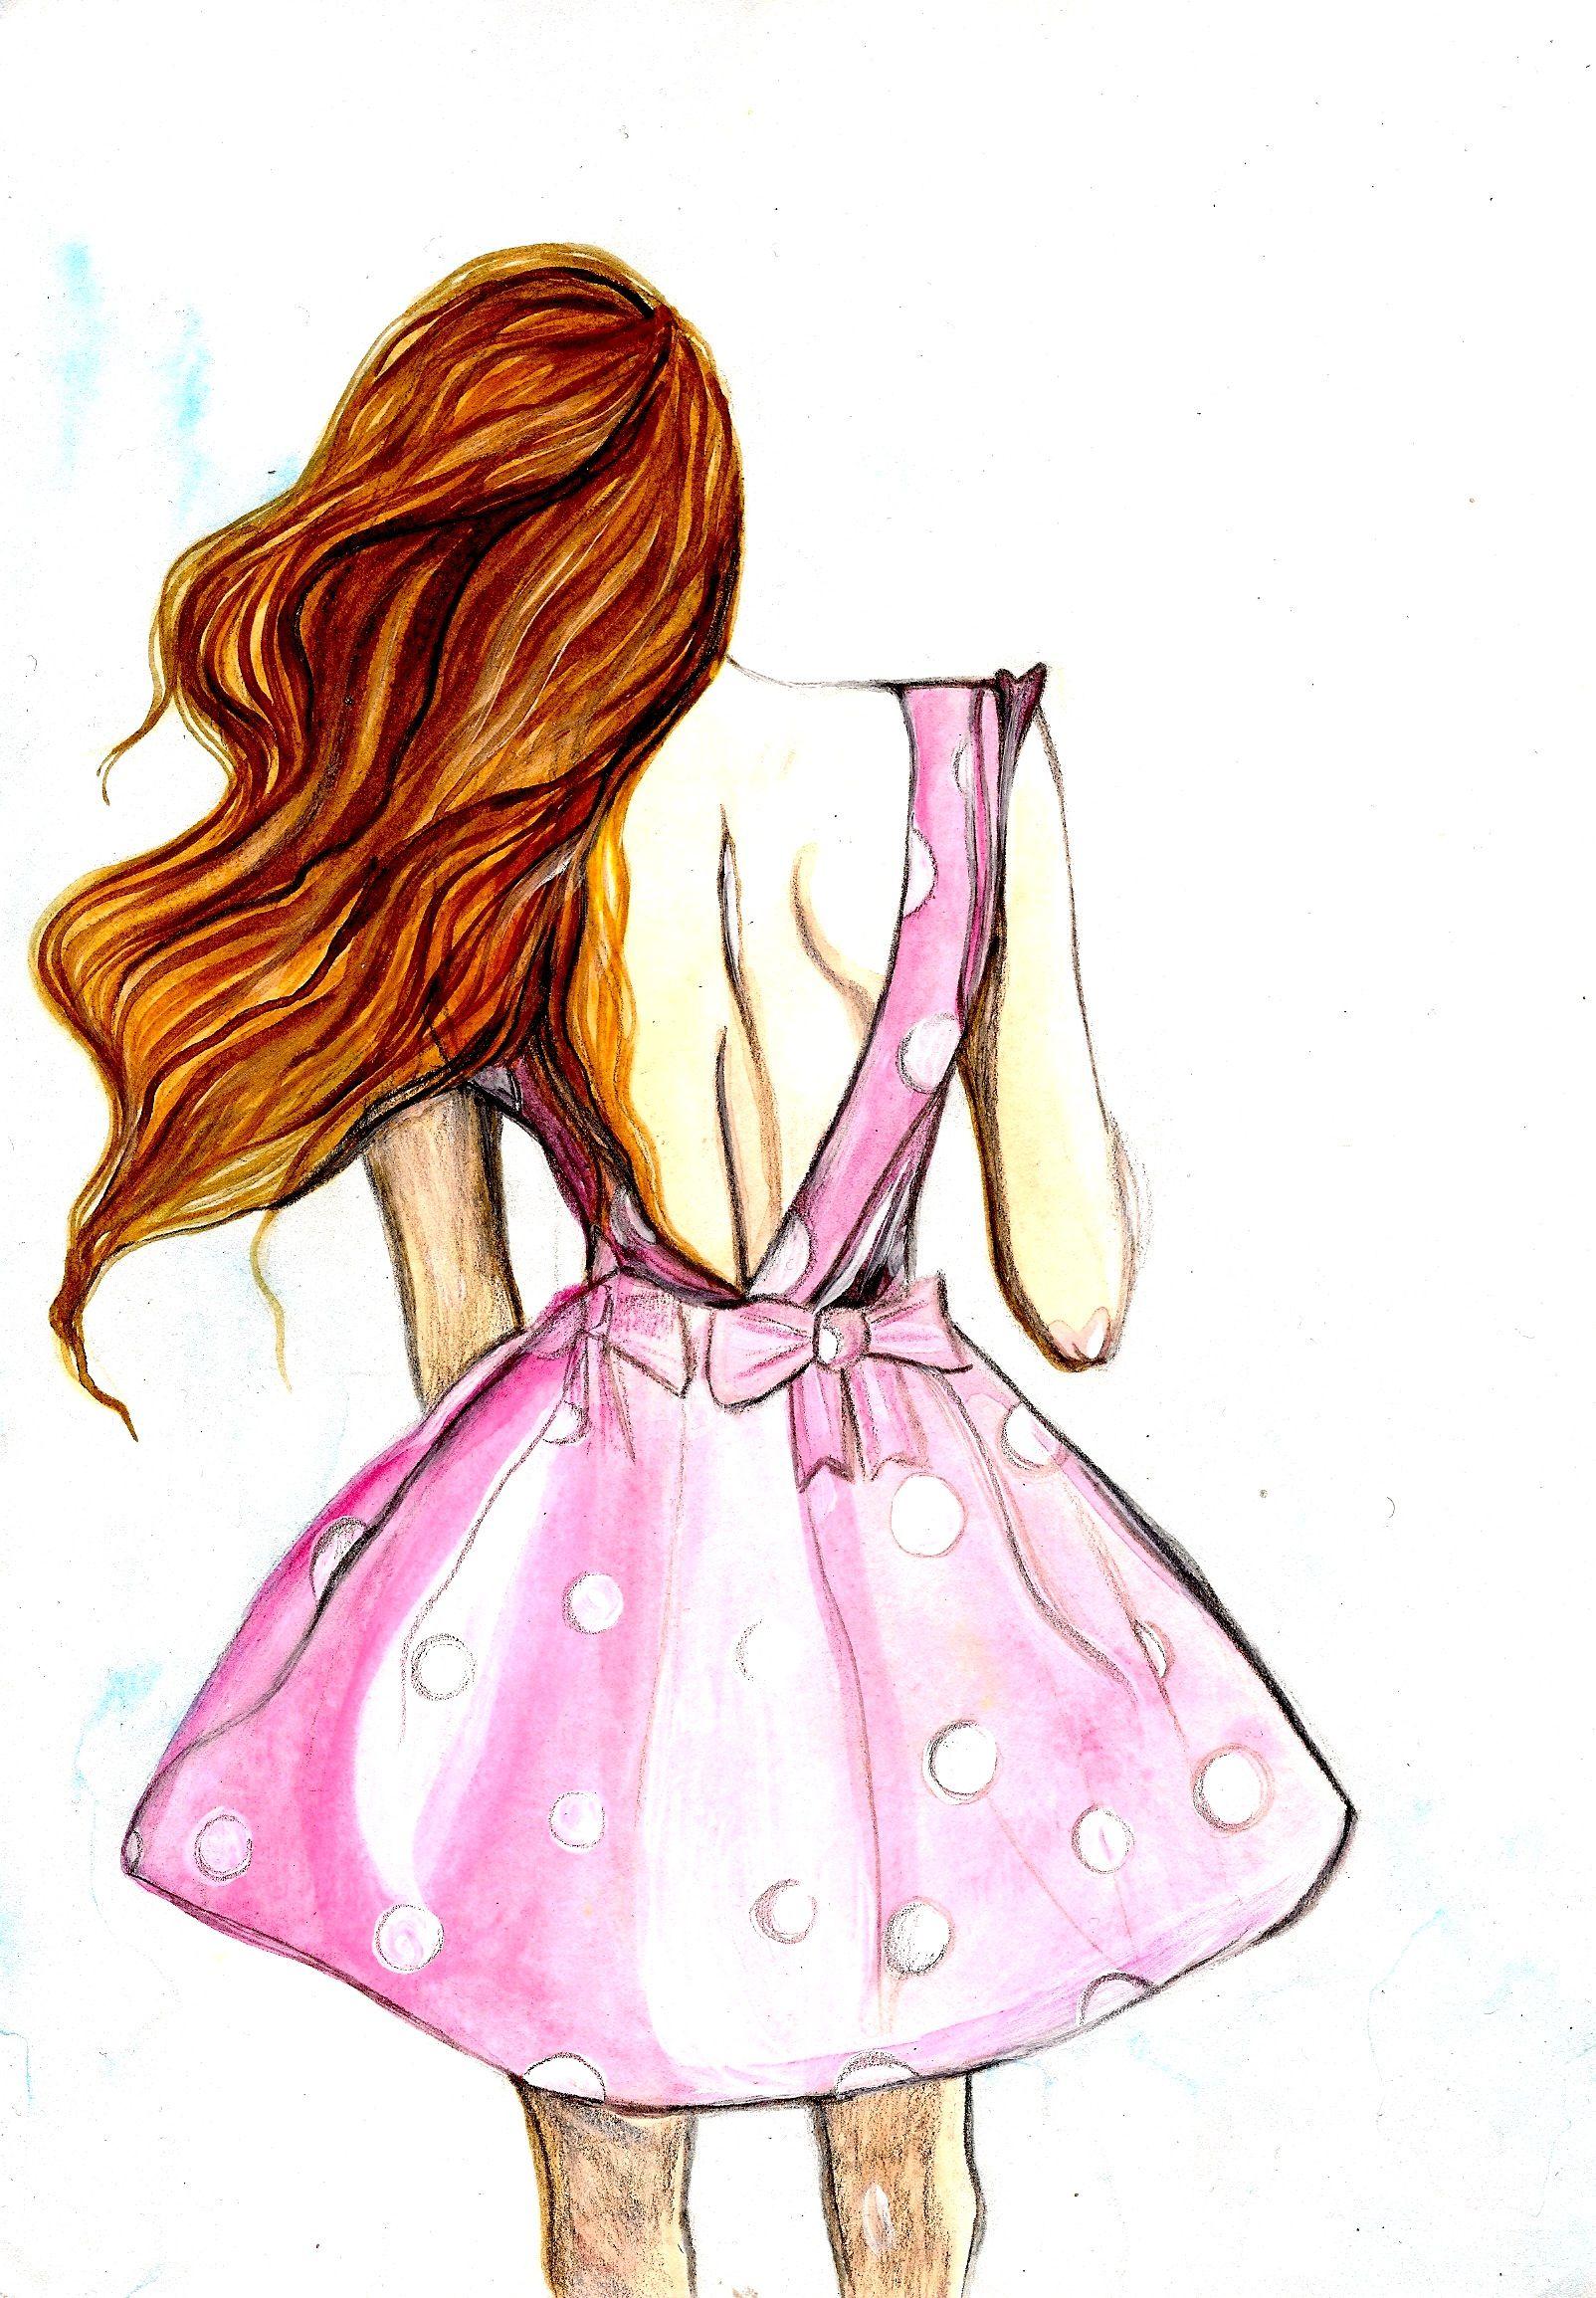 Картинки девушек карандашом для срисовки в платьях